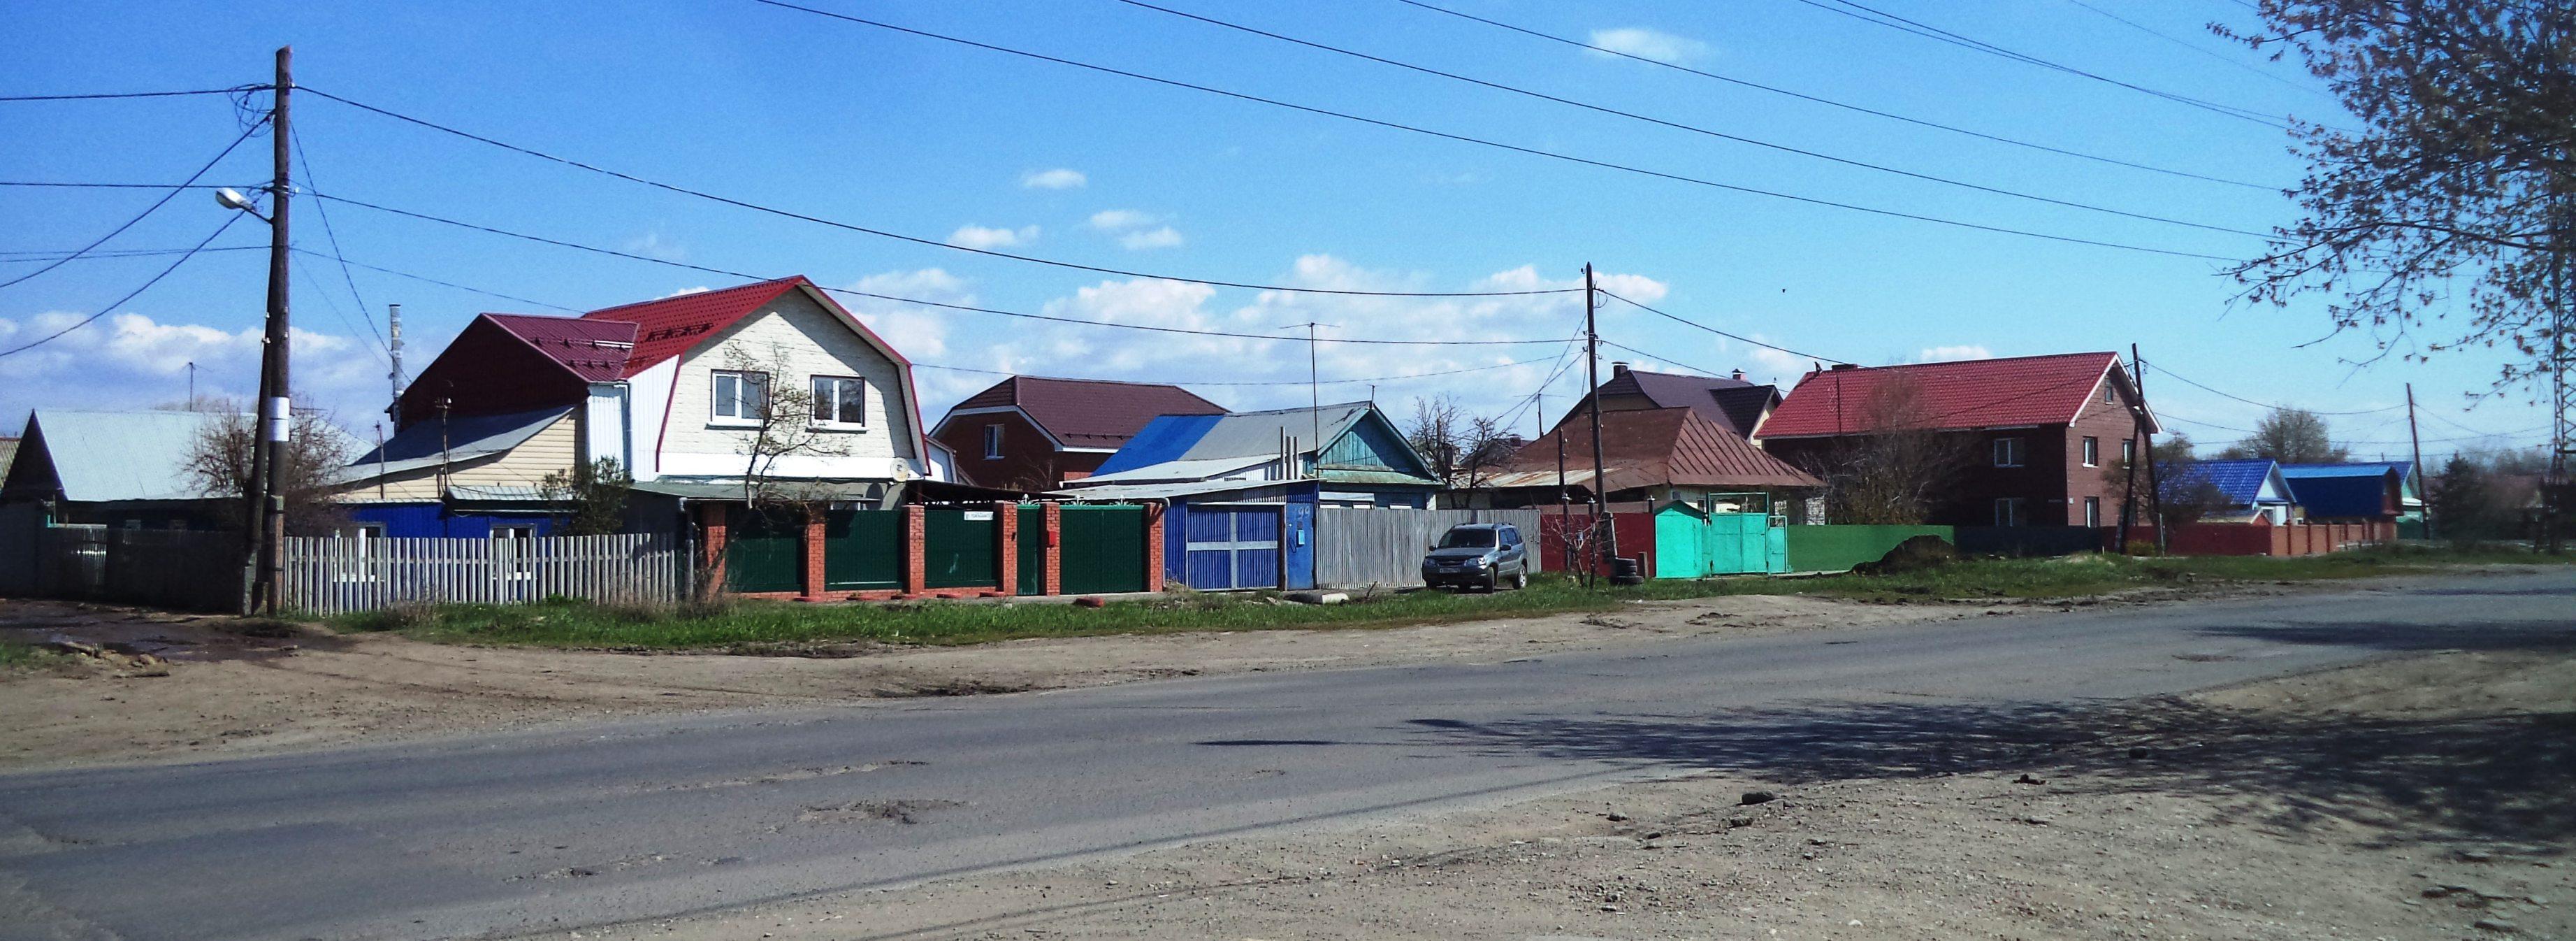 Улица Уральская в Самаре (2)